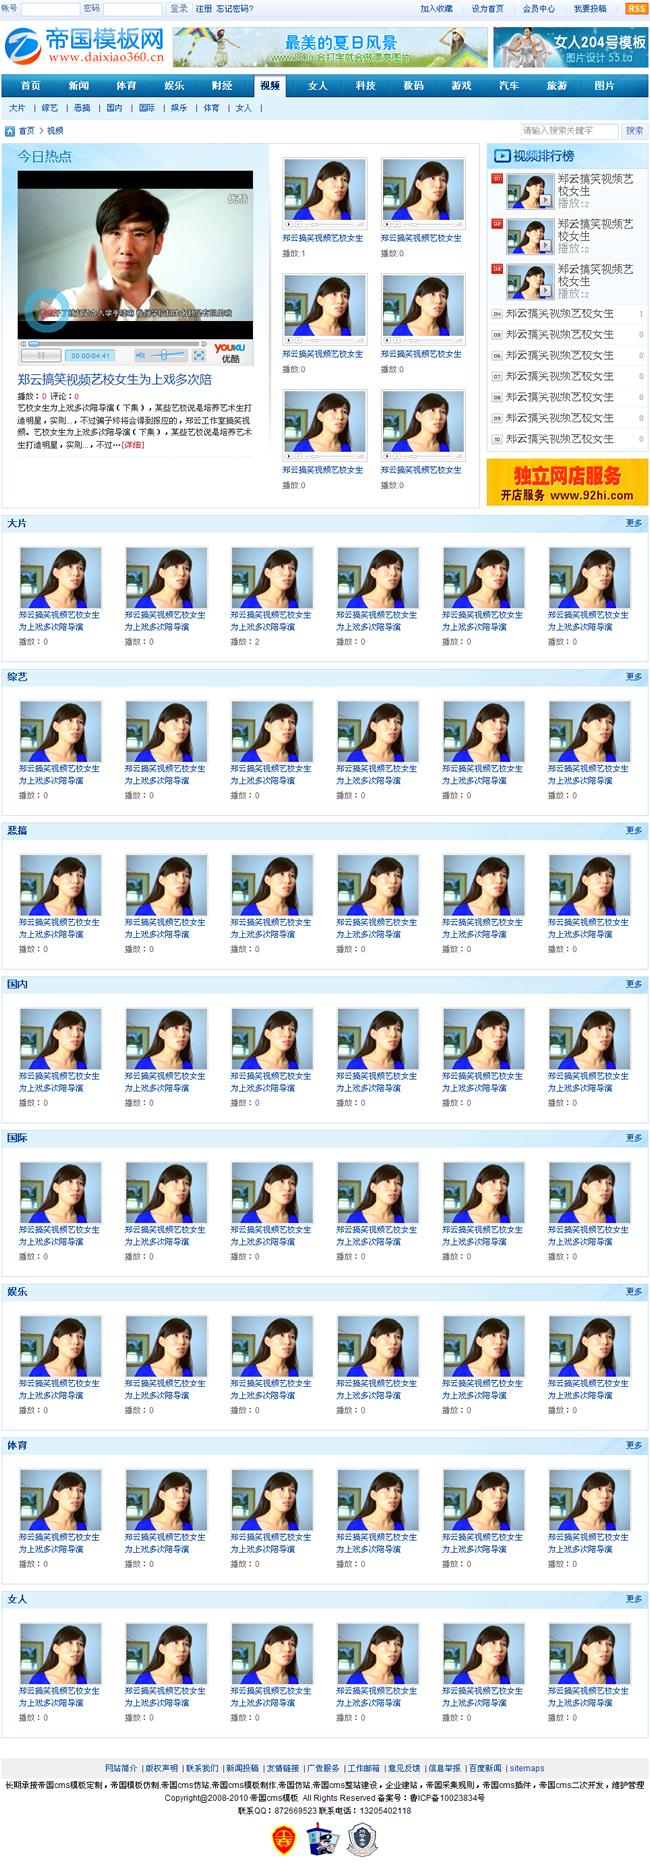 帝国cms新闻门户行业资讯网站程序模板_视频频道